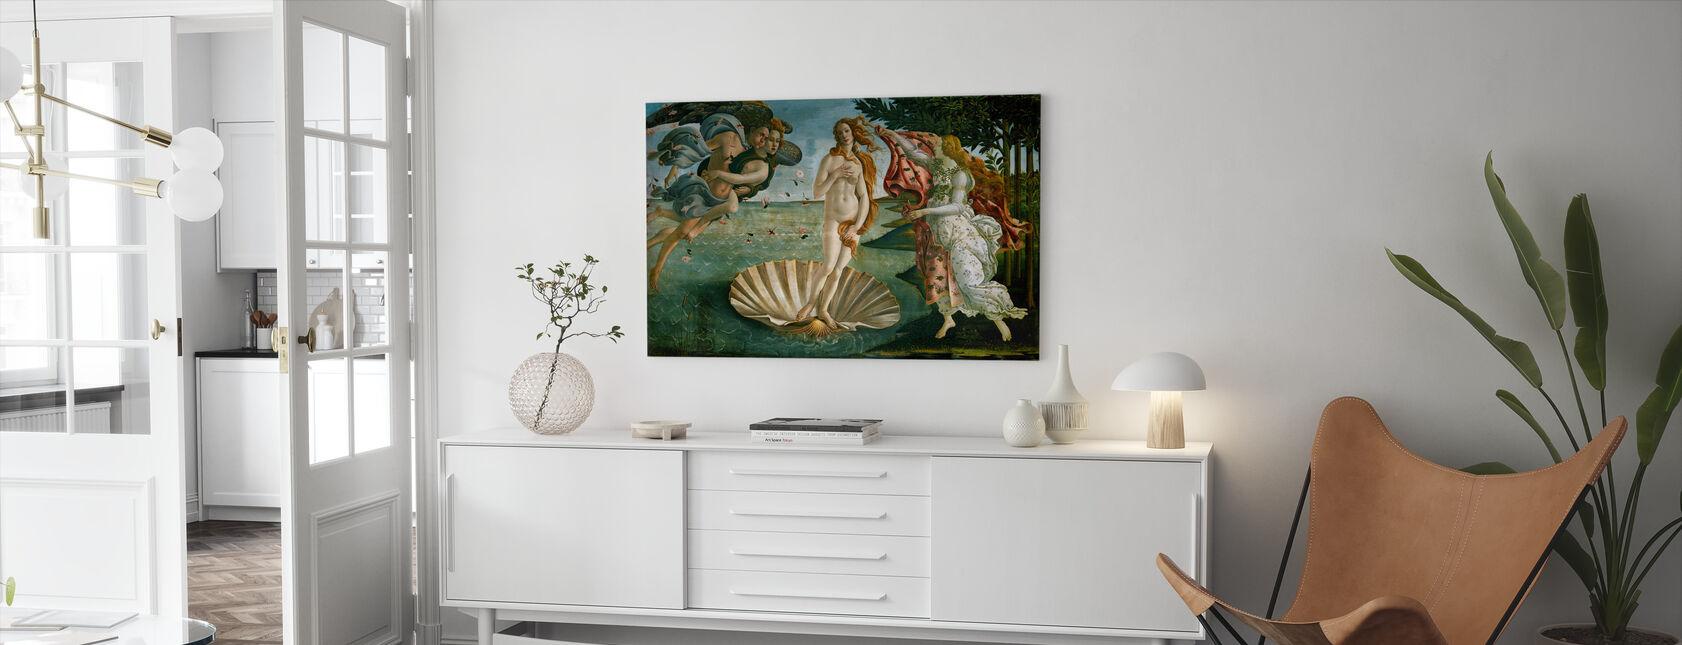 Sandro Botticelli - Geburt der Venus - Leinwandbild - Wohnzimmer